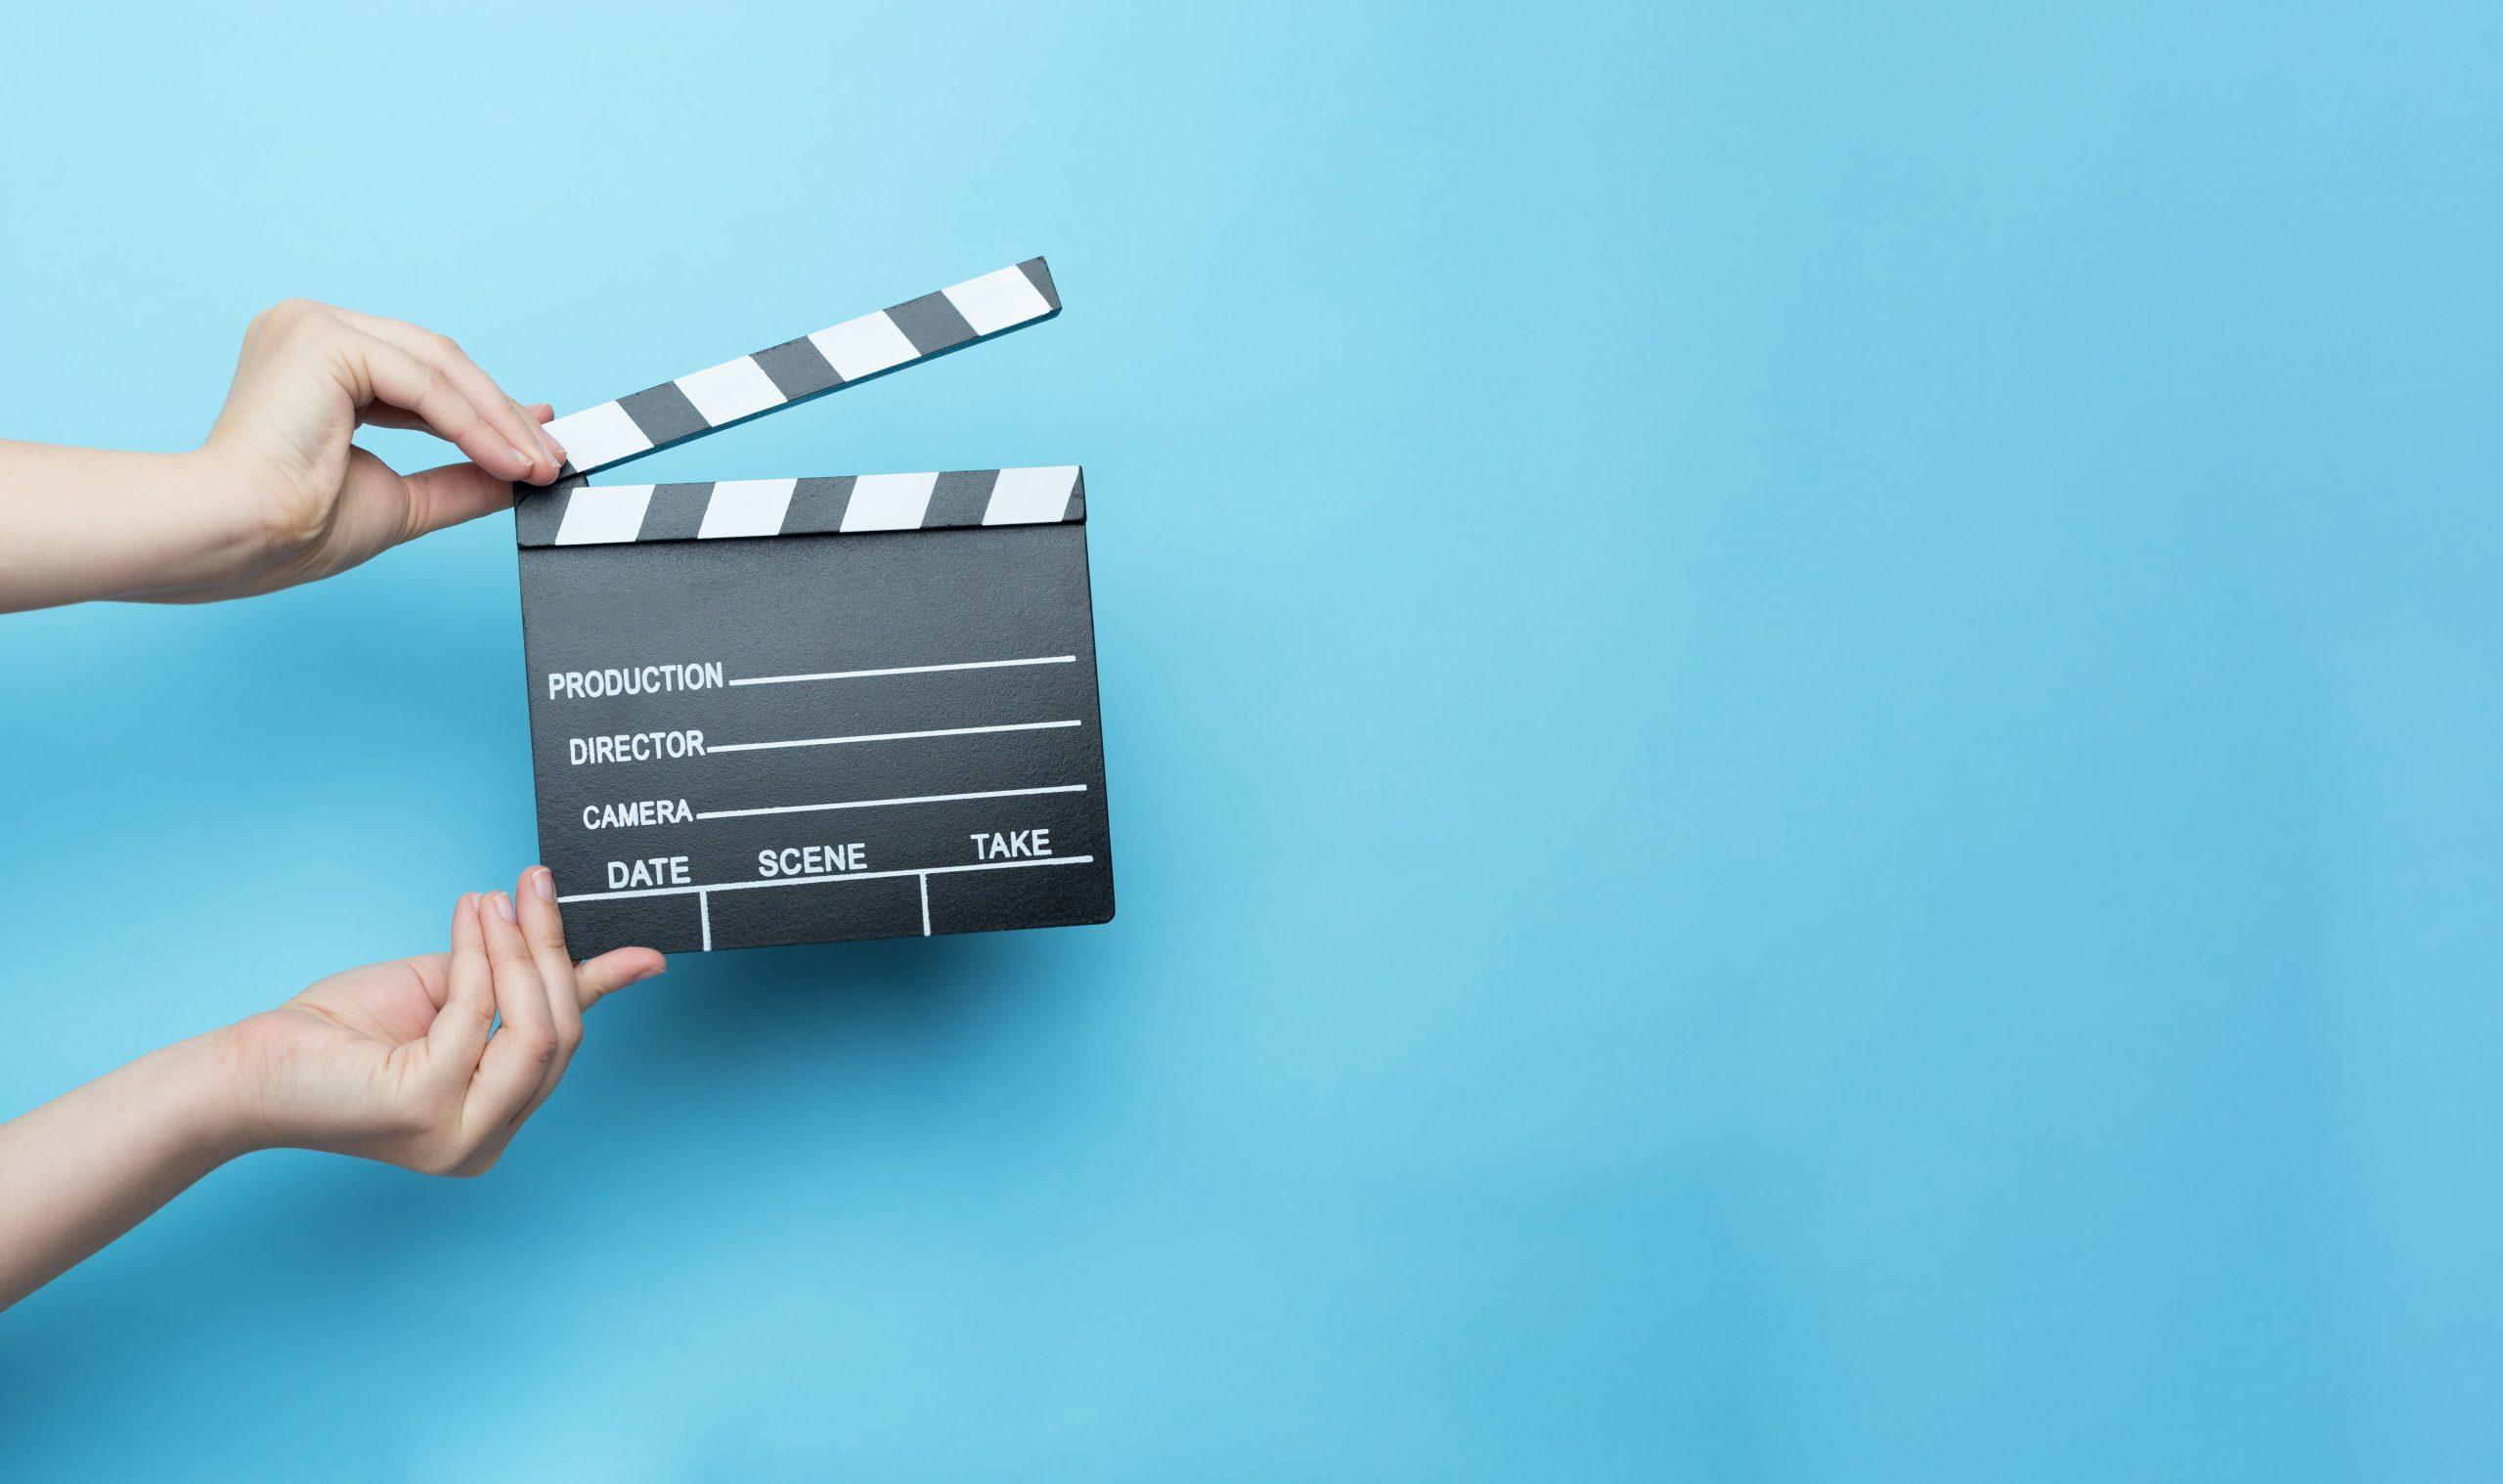 日本を変える為に国際映画祭へ出品する映画の製作